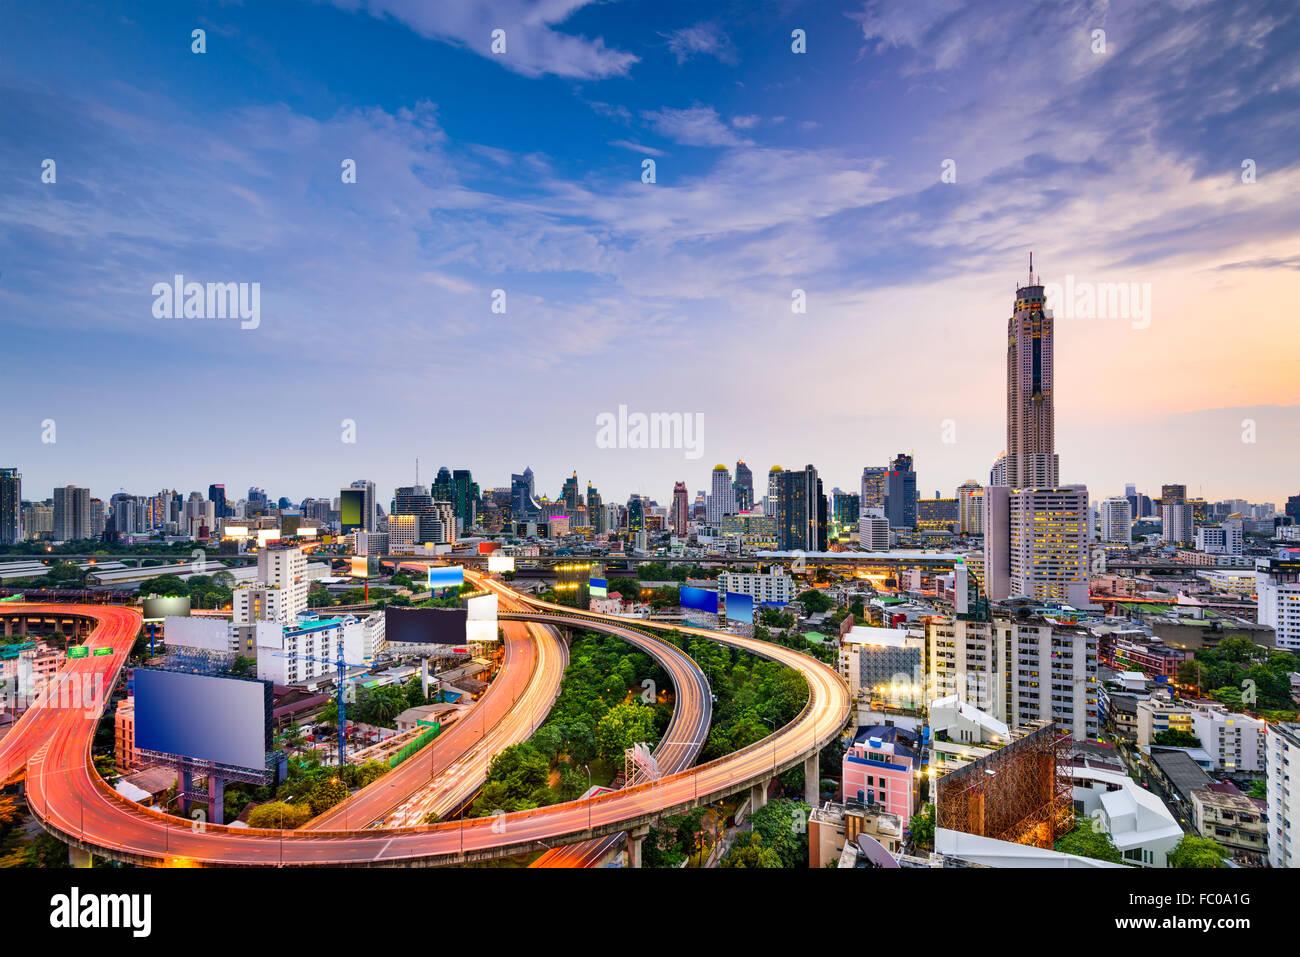 Bangkok, Thailand city skyline and highways. - Stock Image